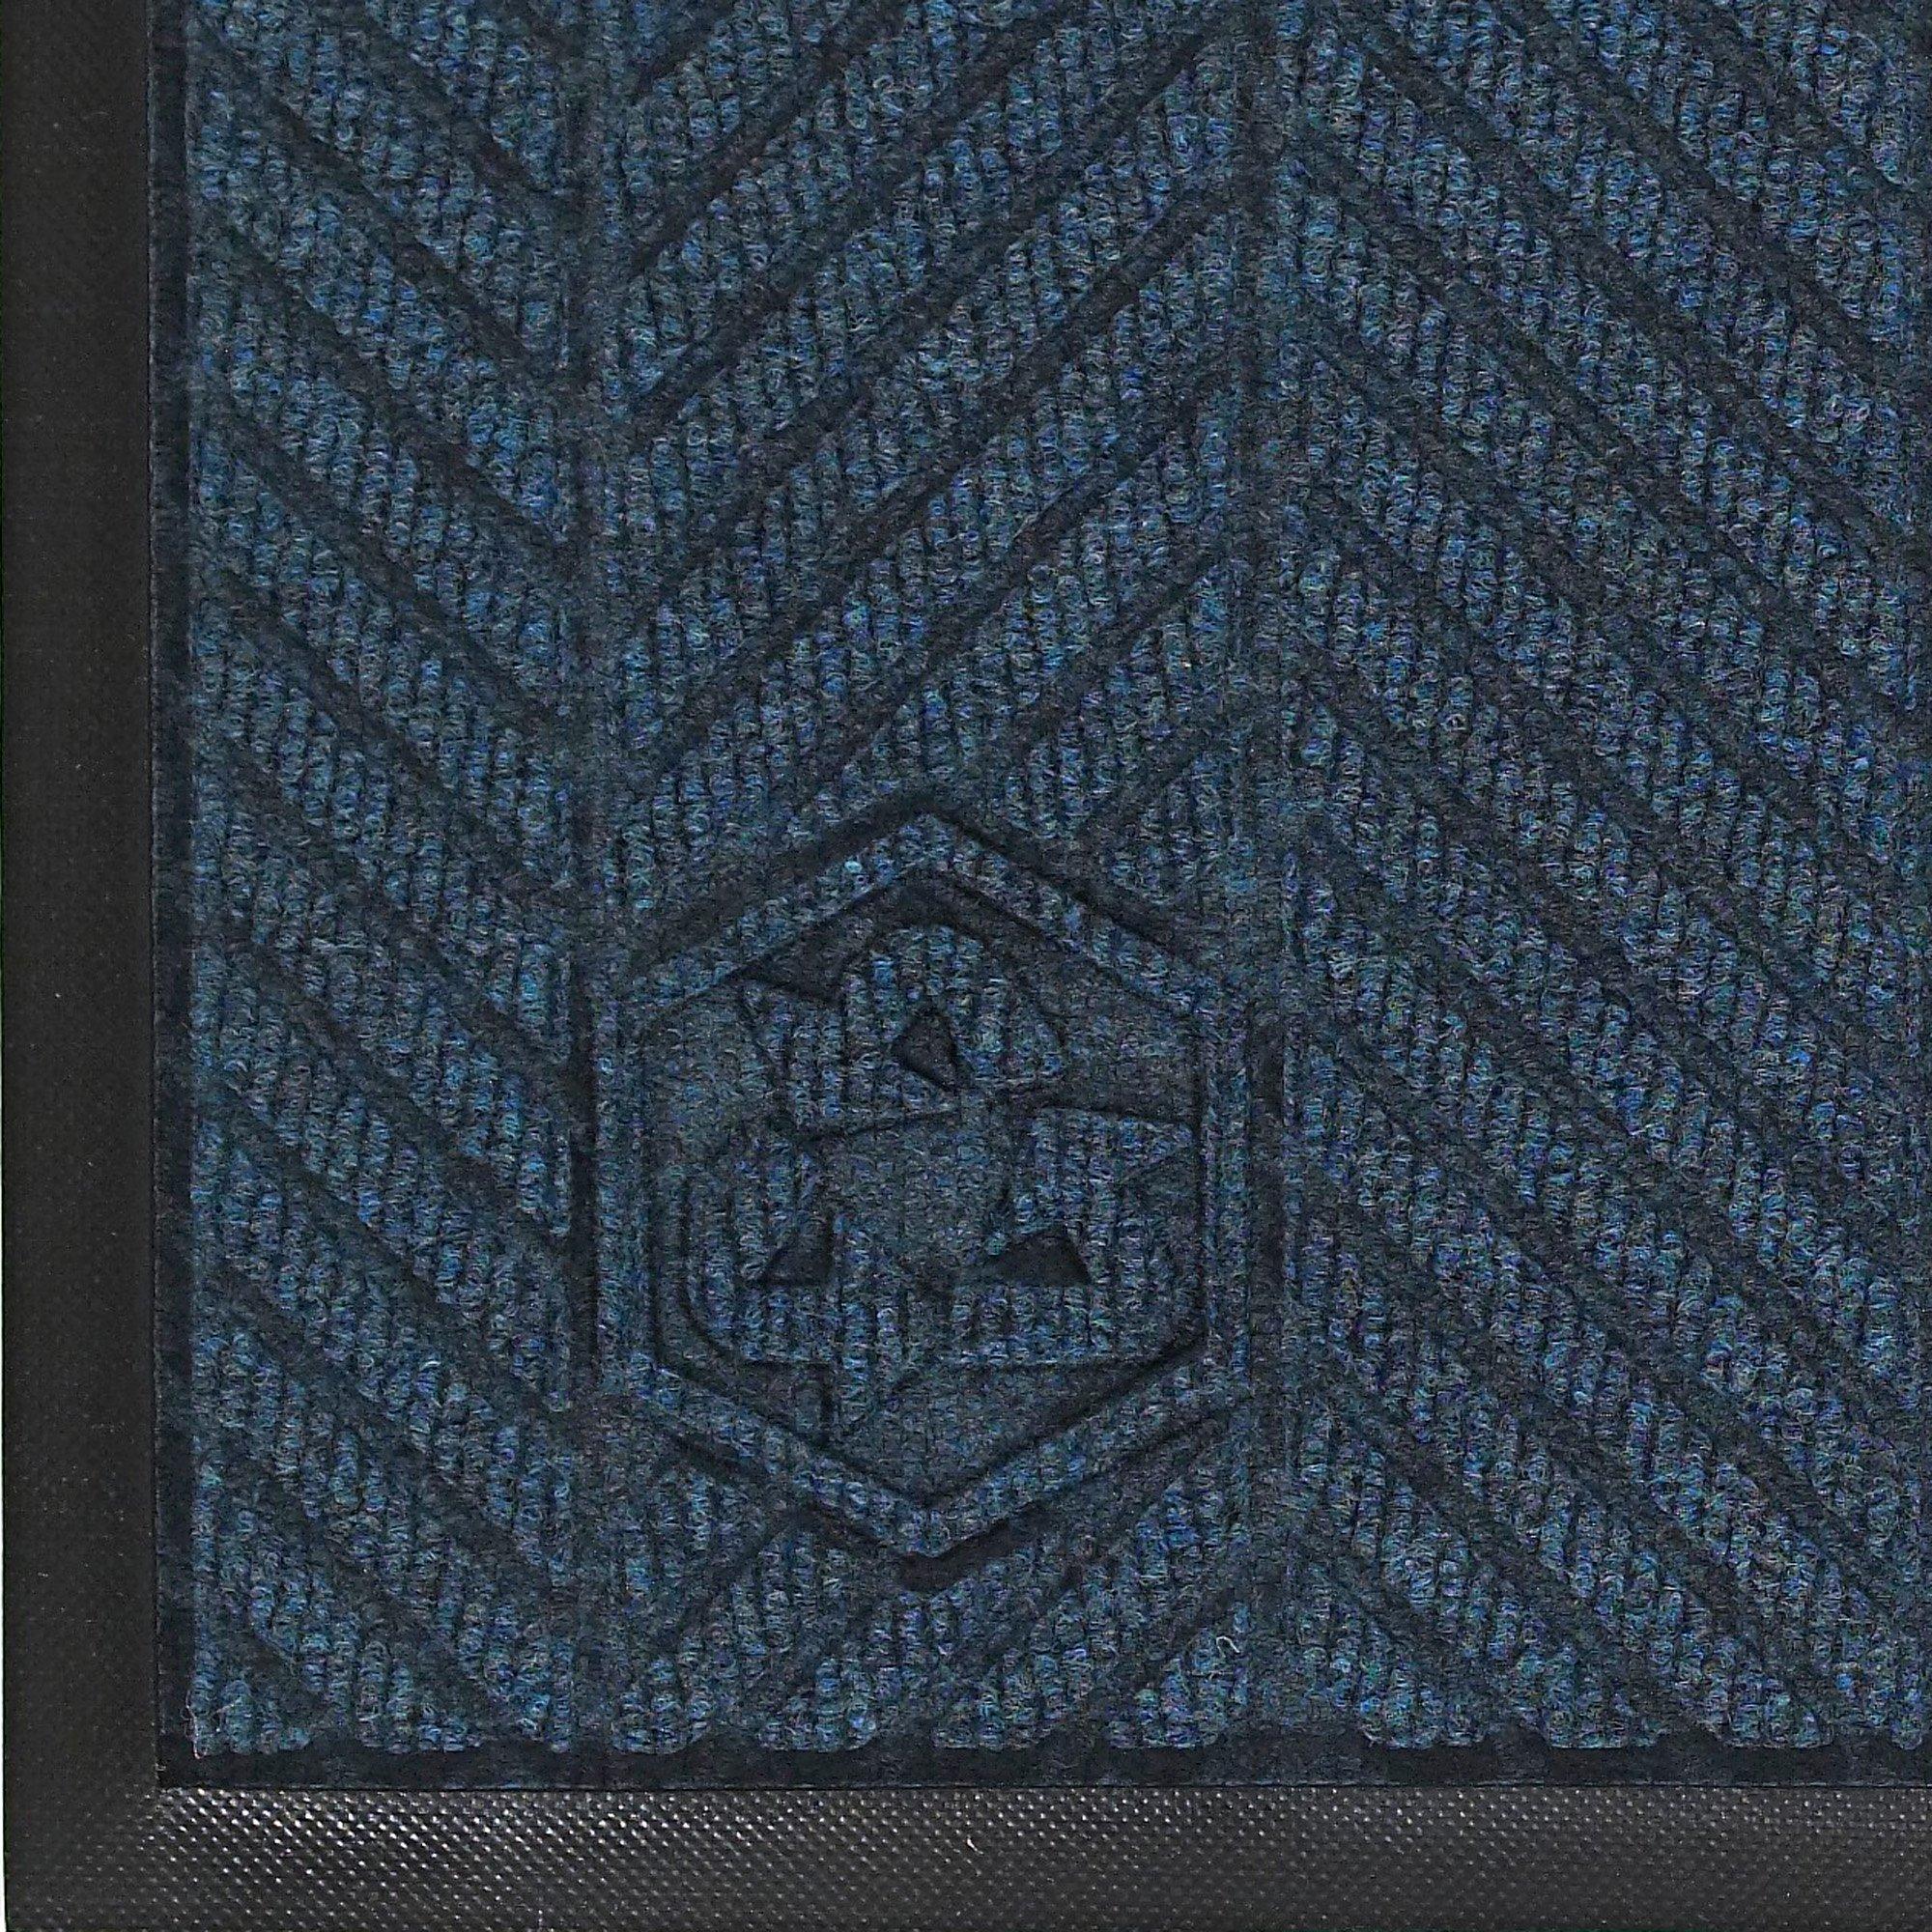 Andersen 2240 Waterhog Eco Elite PET Polyester Fiber Indoor/Outdoor Floor Mat, SBR Rubber Backing, 8.4' Length x 3' Width, 3/8'' Thick, Indigo by The Andersen Company